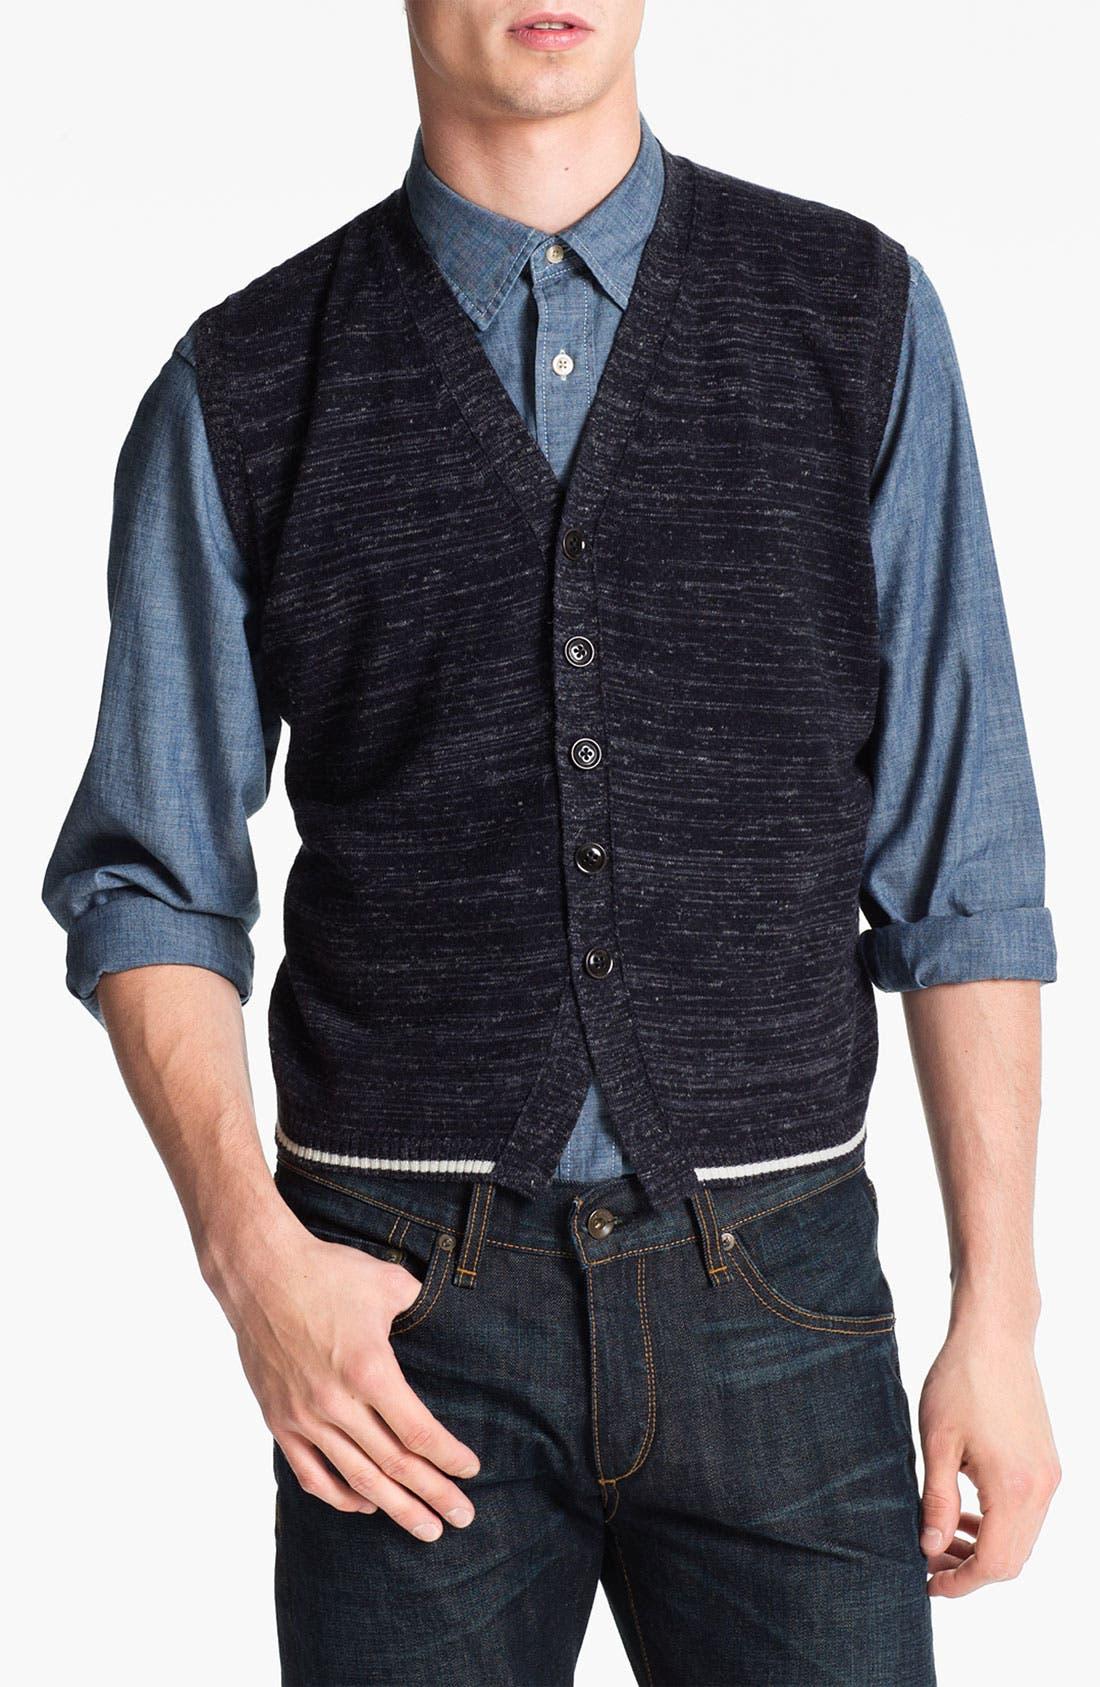 Main Image - Orlandini 'Nis' Merino Wool Blend Sweater Vest